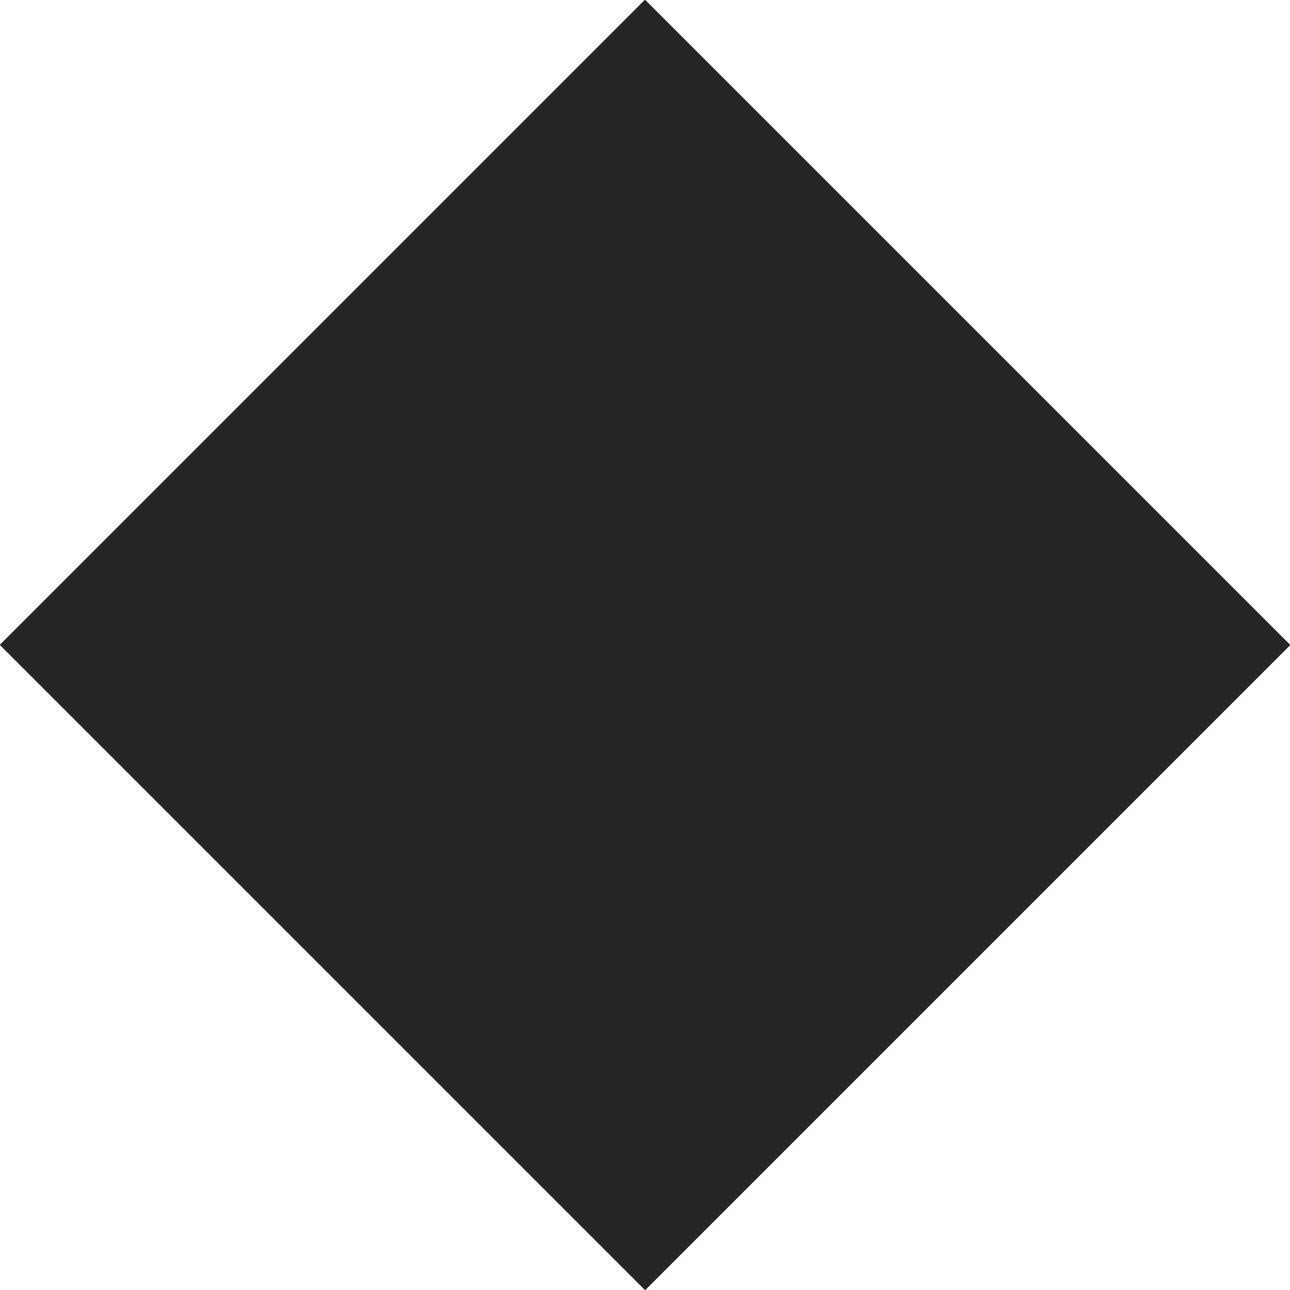 Shape Clipart